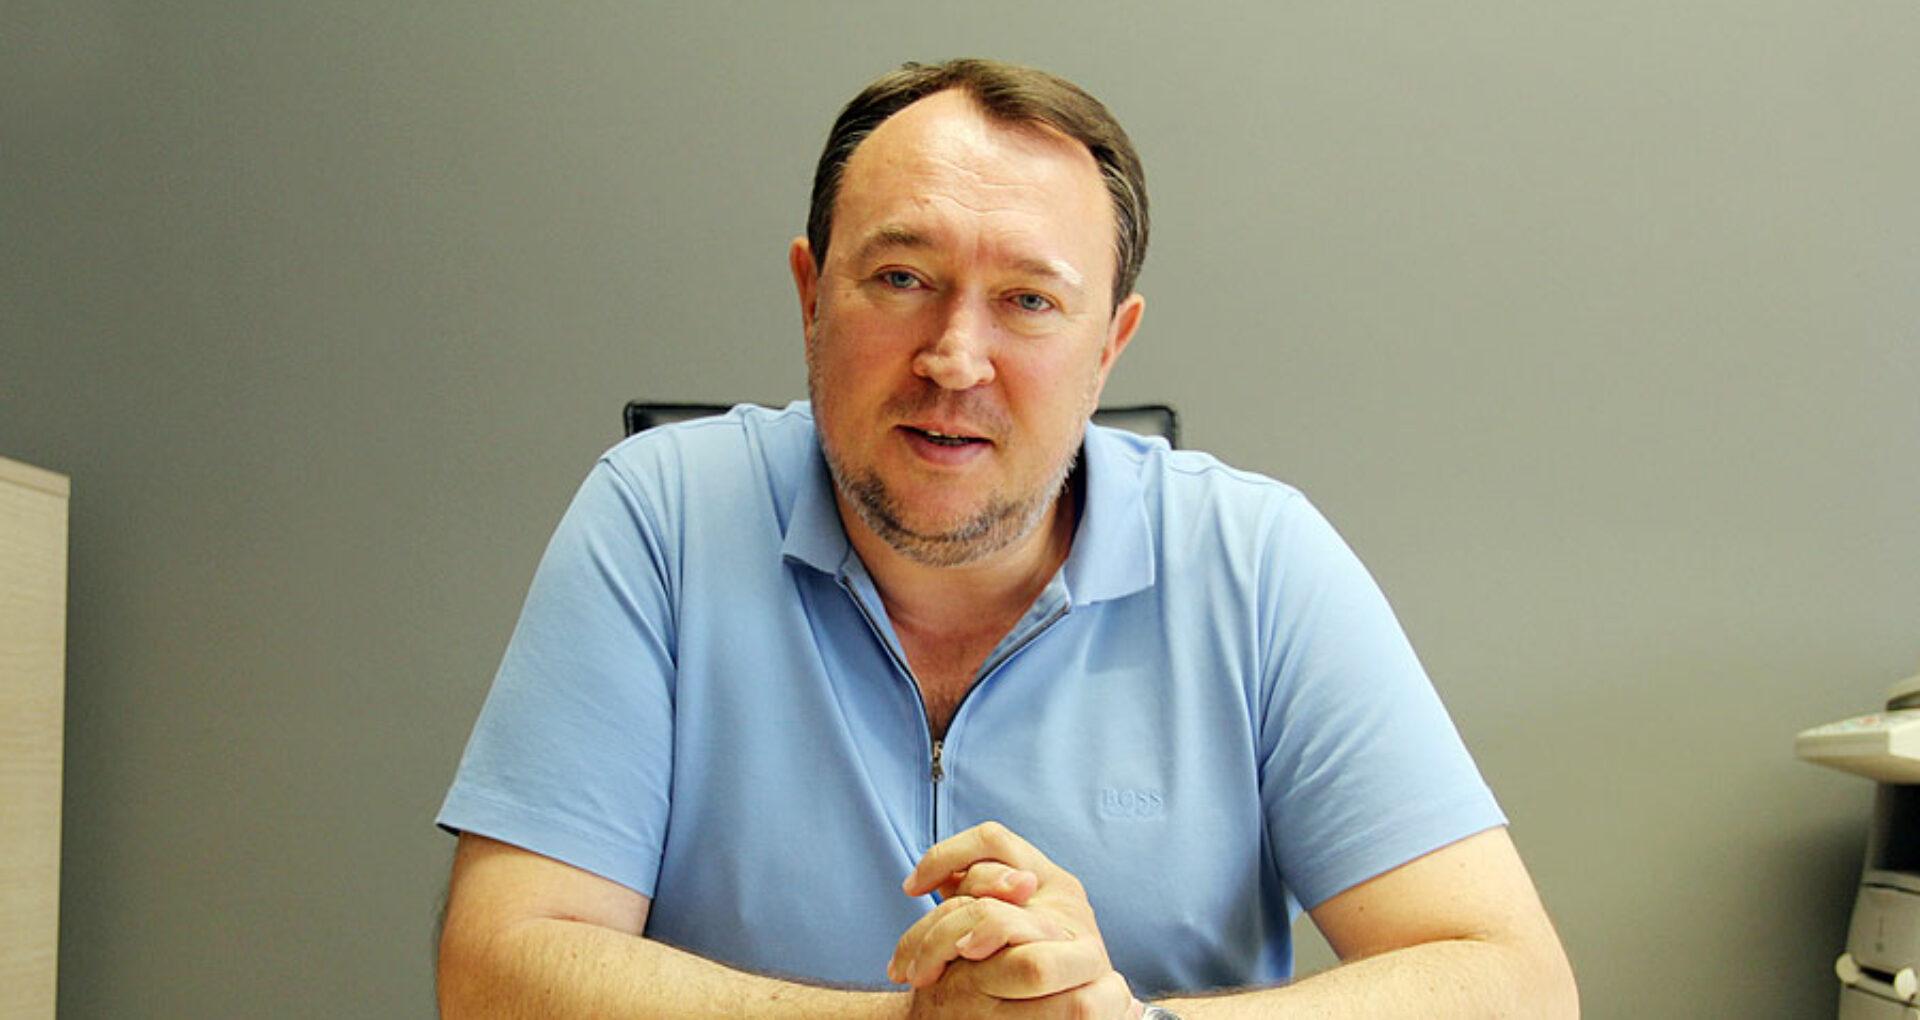 Motivele invocate de Alexandru Tănase pentru demisia din funcția de ministru și ieșirea din serviciul public